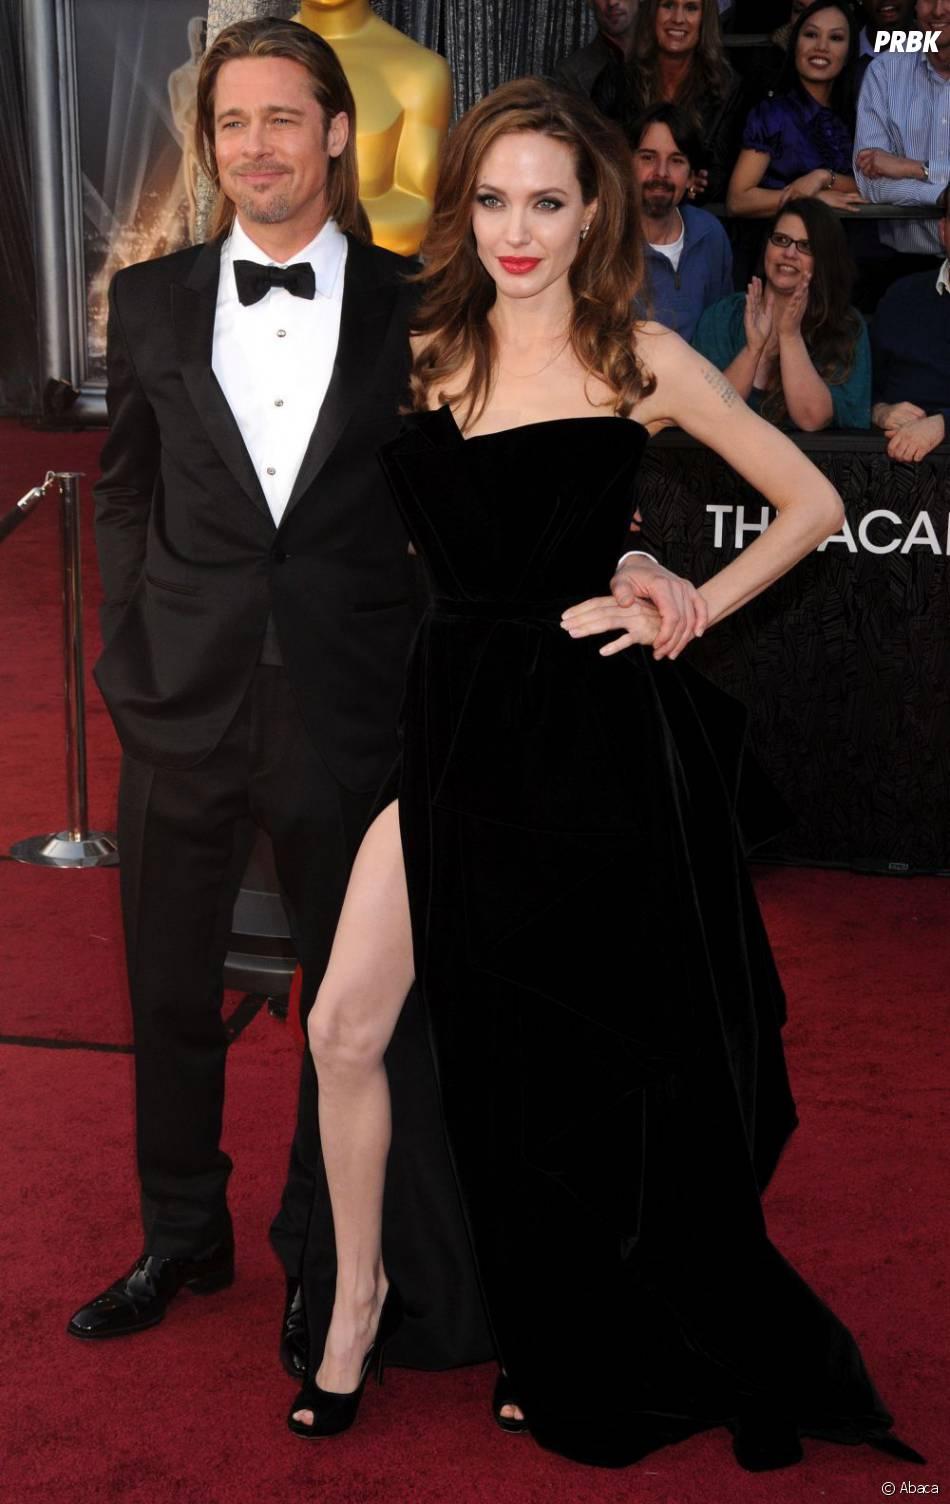 Même Brad Pitt ne peut s'empêcher de sourire en voyant Angelina Jolie galérer avec sa jambe